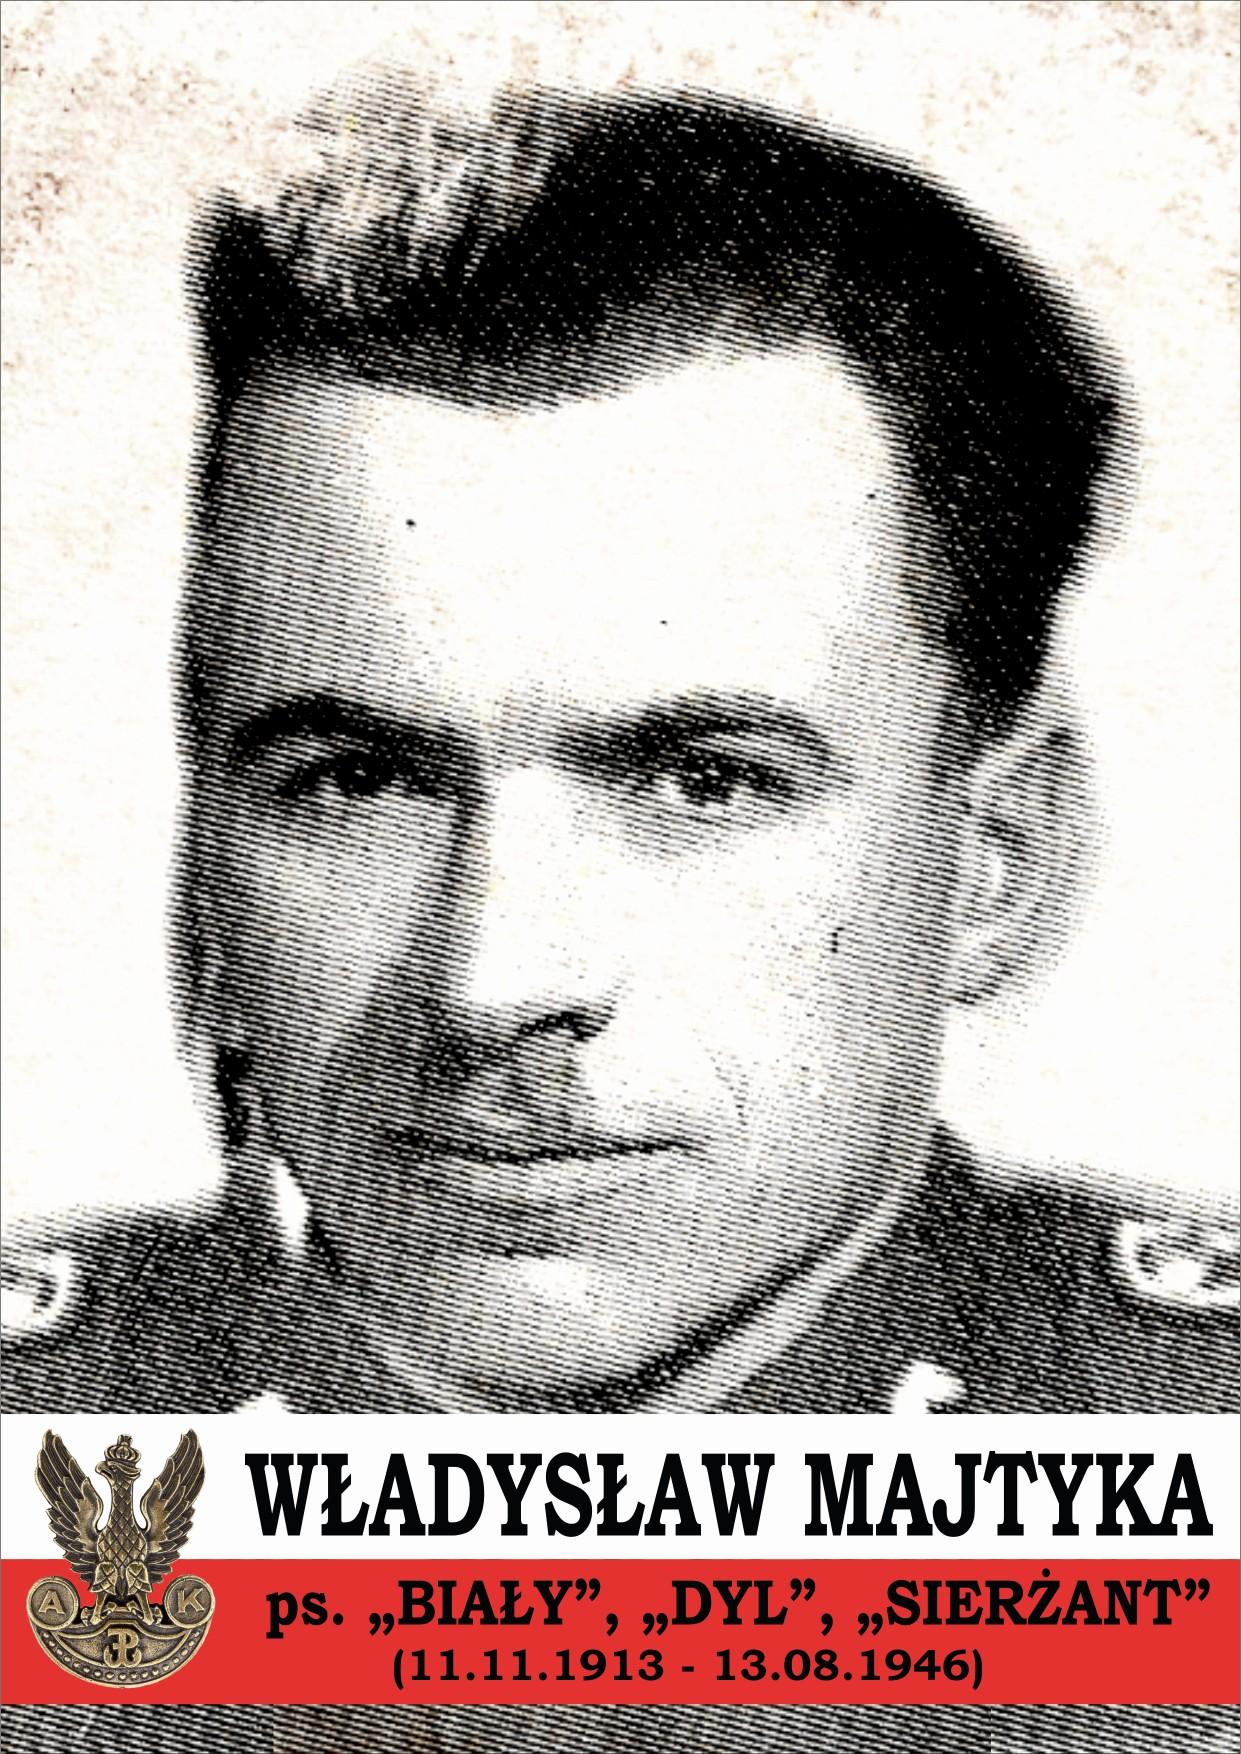 Portret_Władysław Majtyka